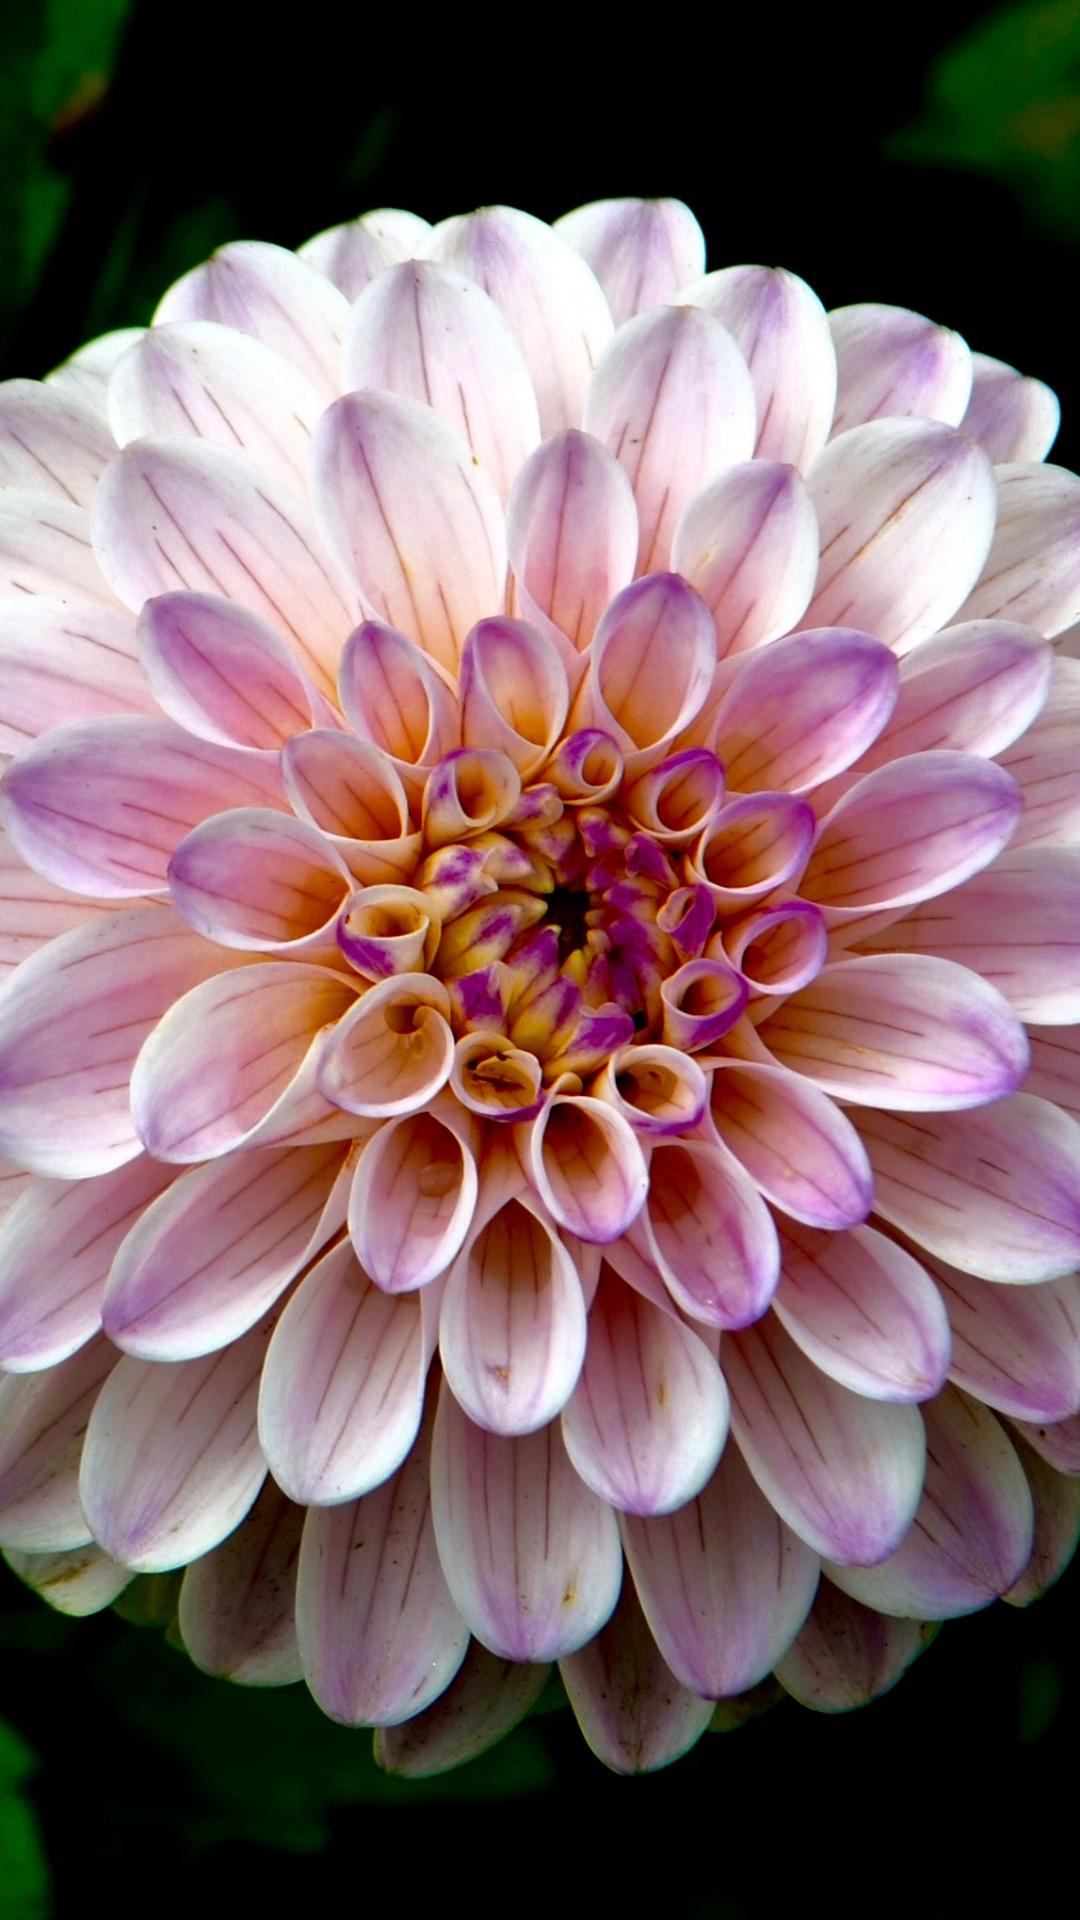 A Pink Flower iPhone Wallpaper